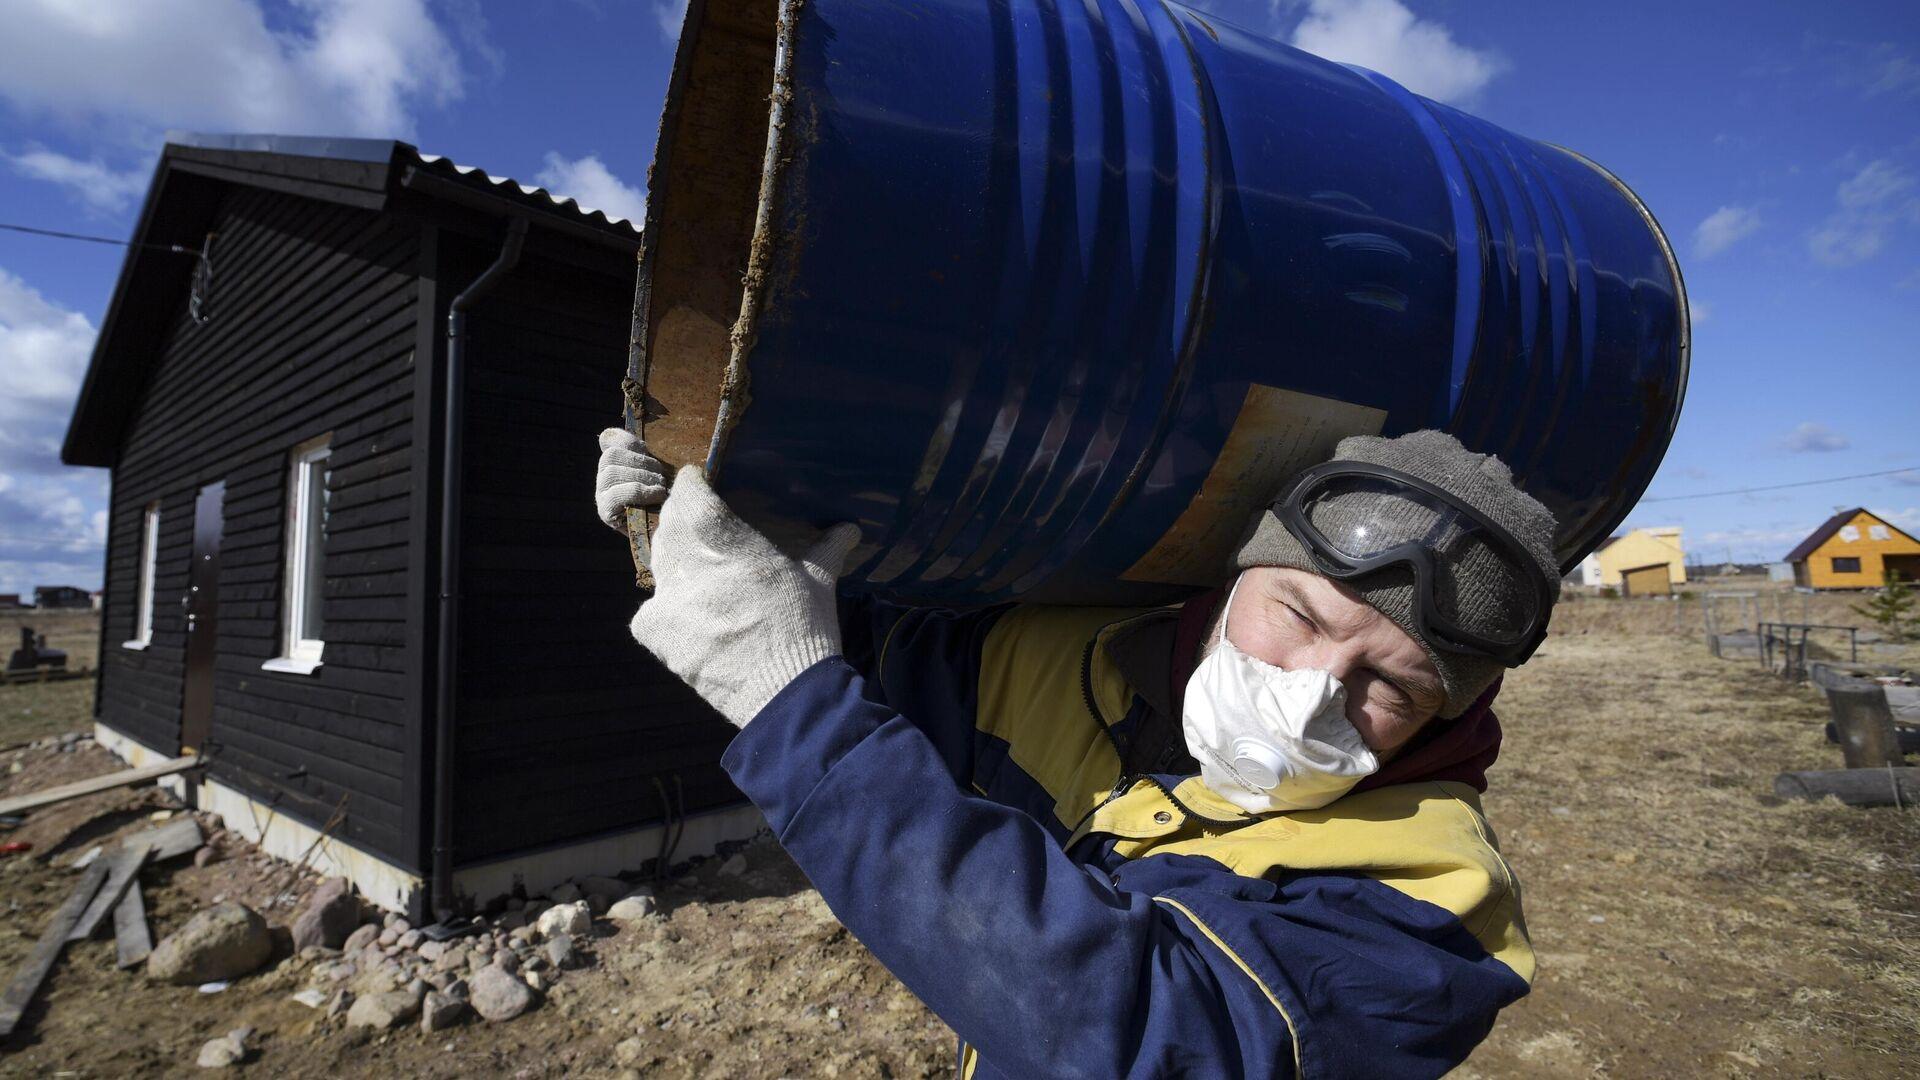 Житель Санкт-Петербурга во время самоизоляции строит дом в деревне - РИА Новости, 1920, 24.02.2021